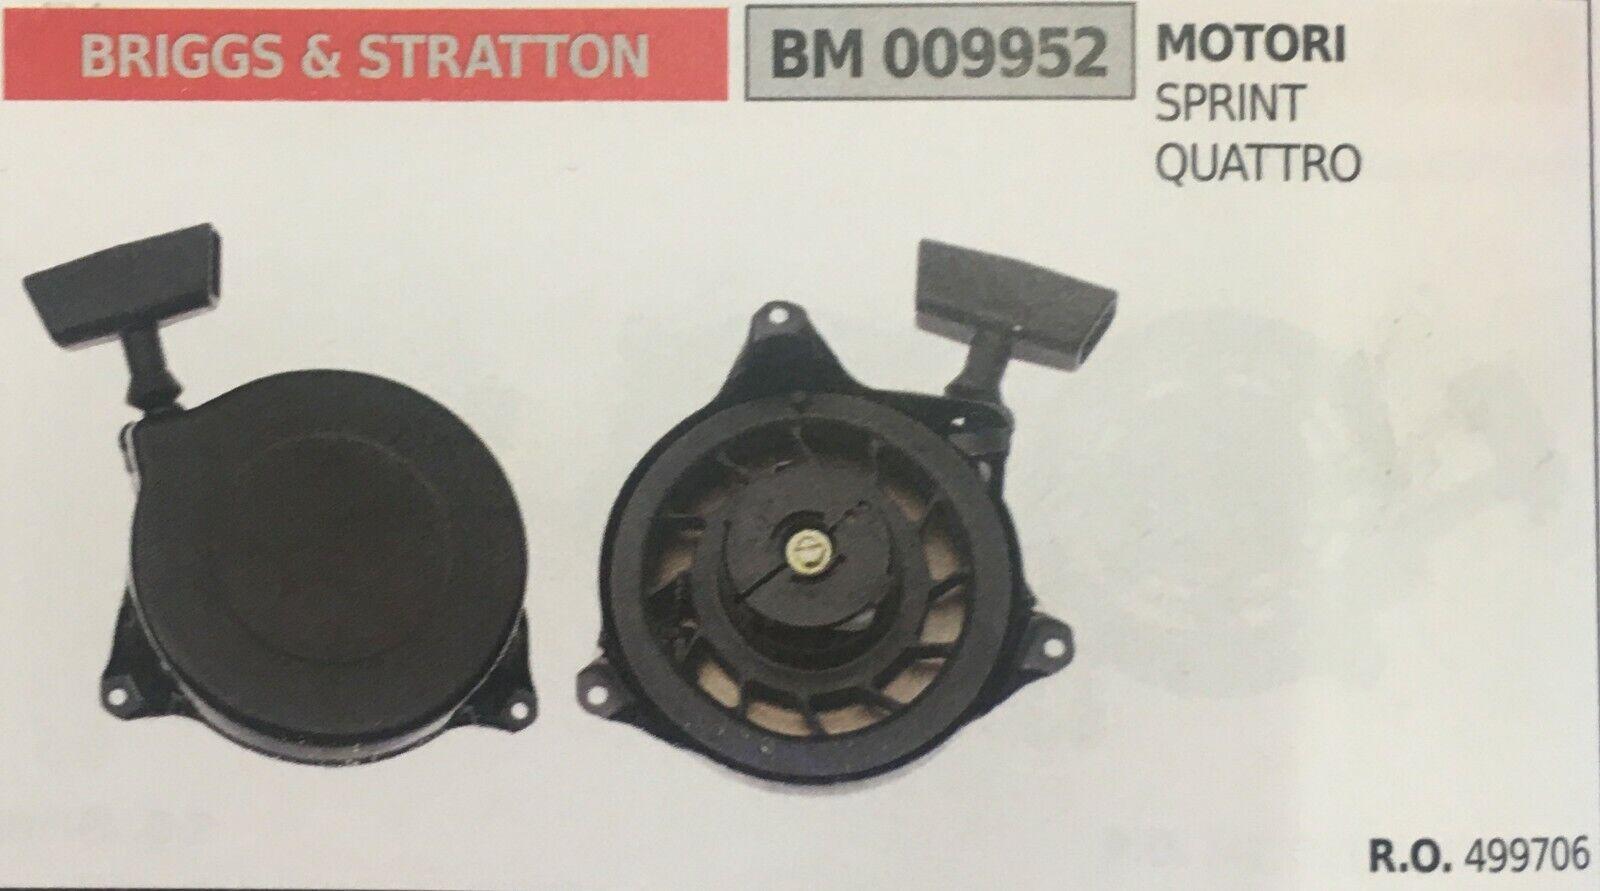 Arrancador de Completo Brumar Briggs & Stratton BM009952